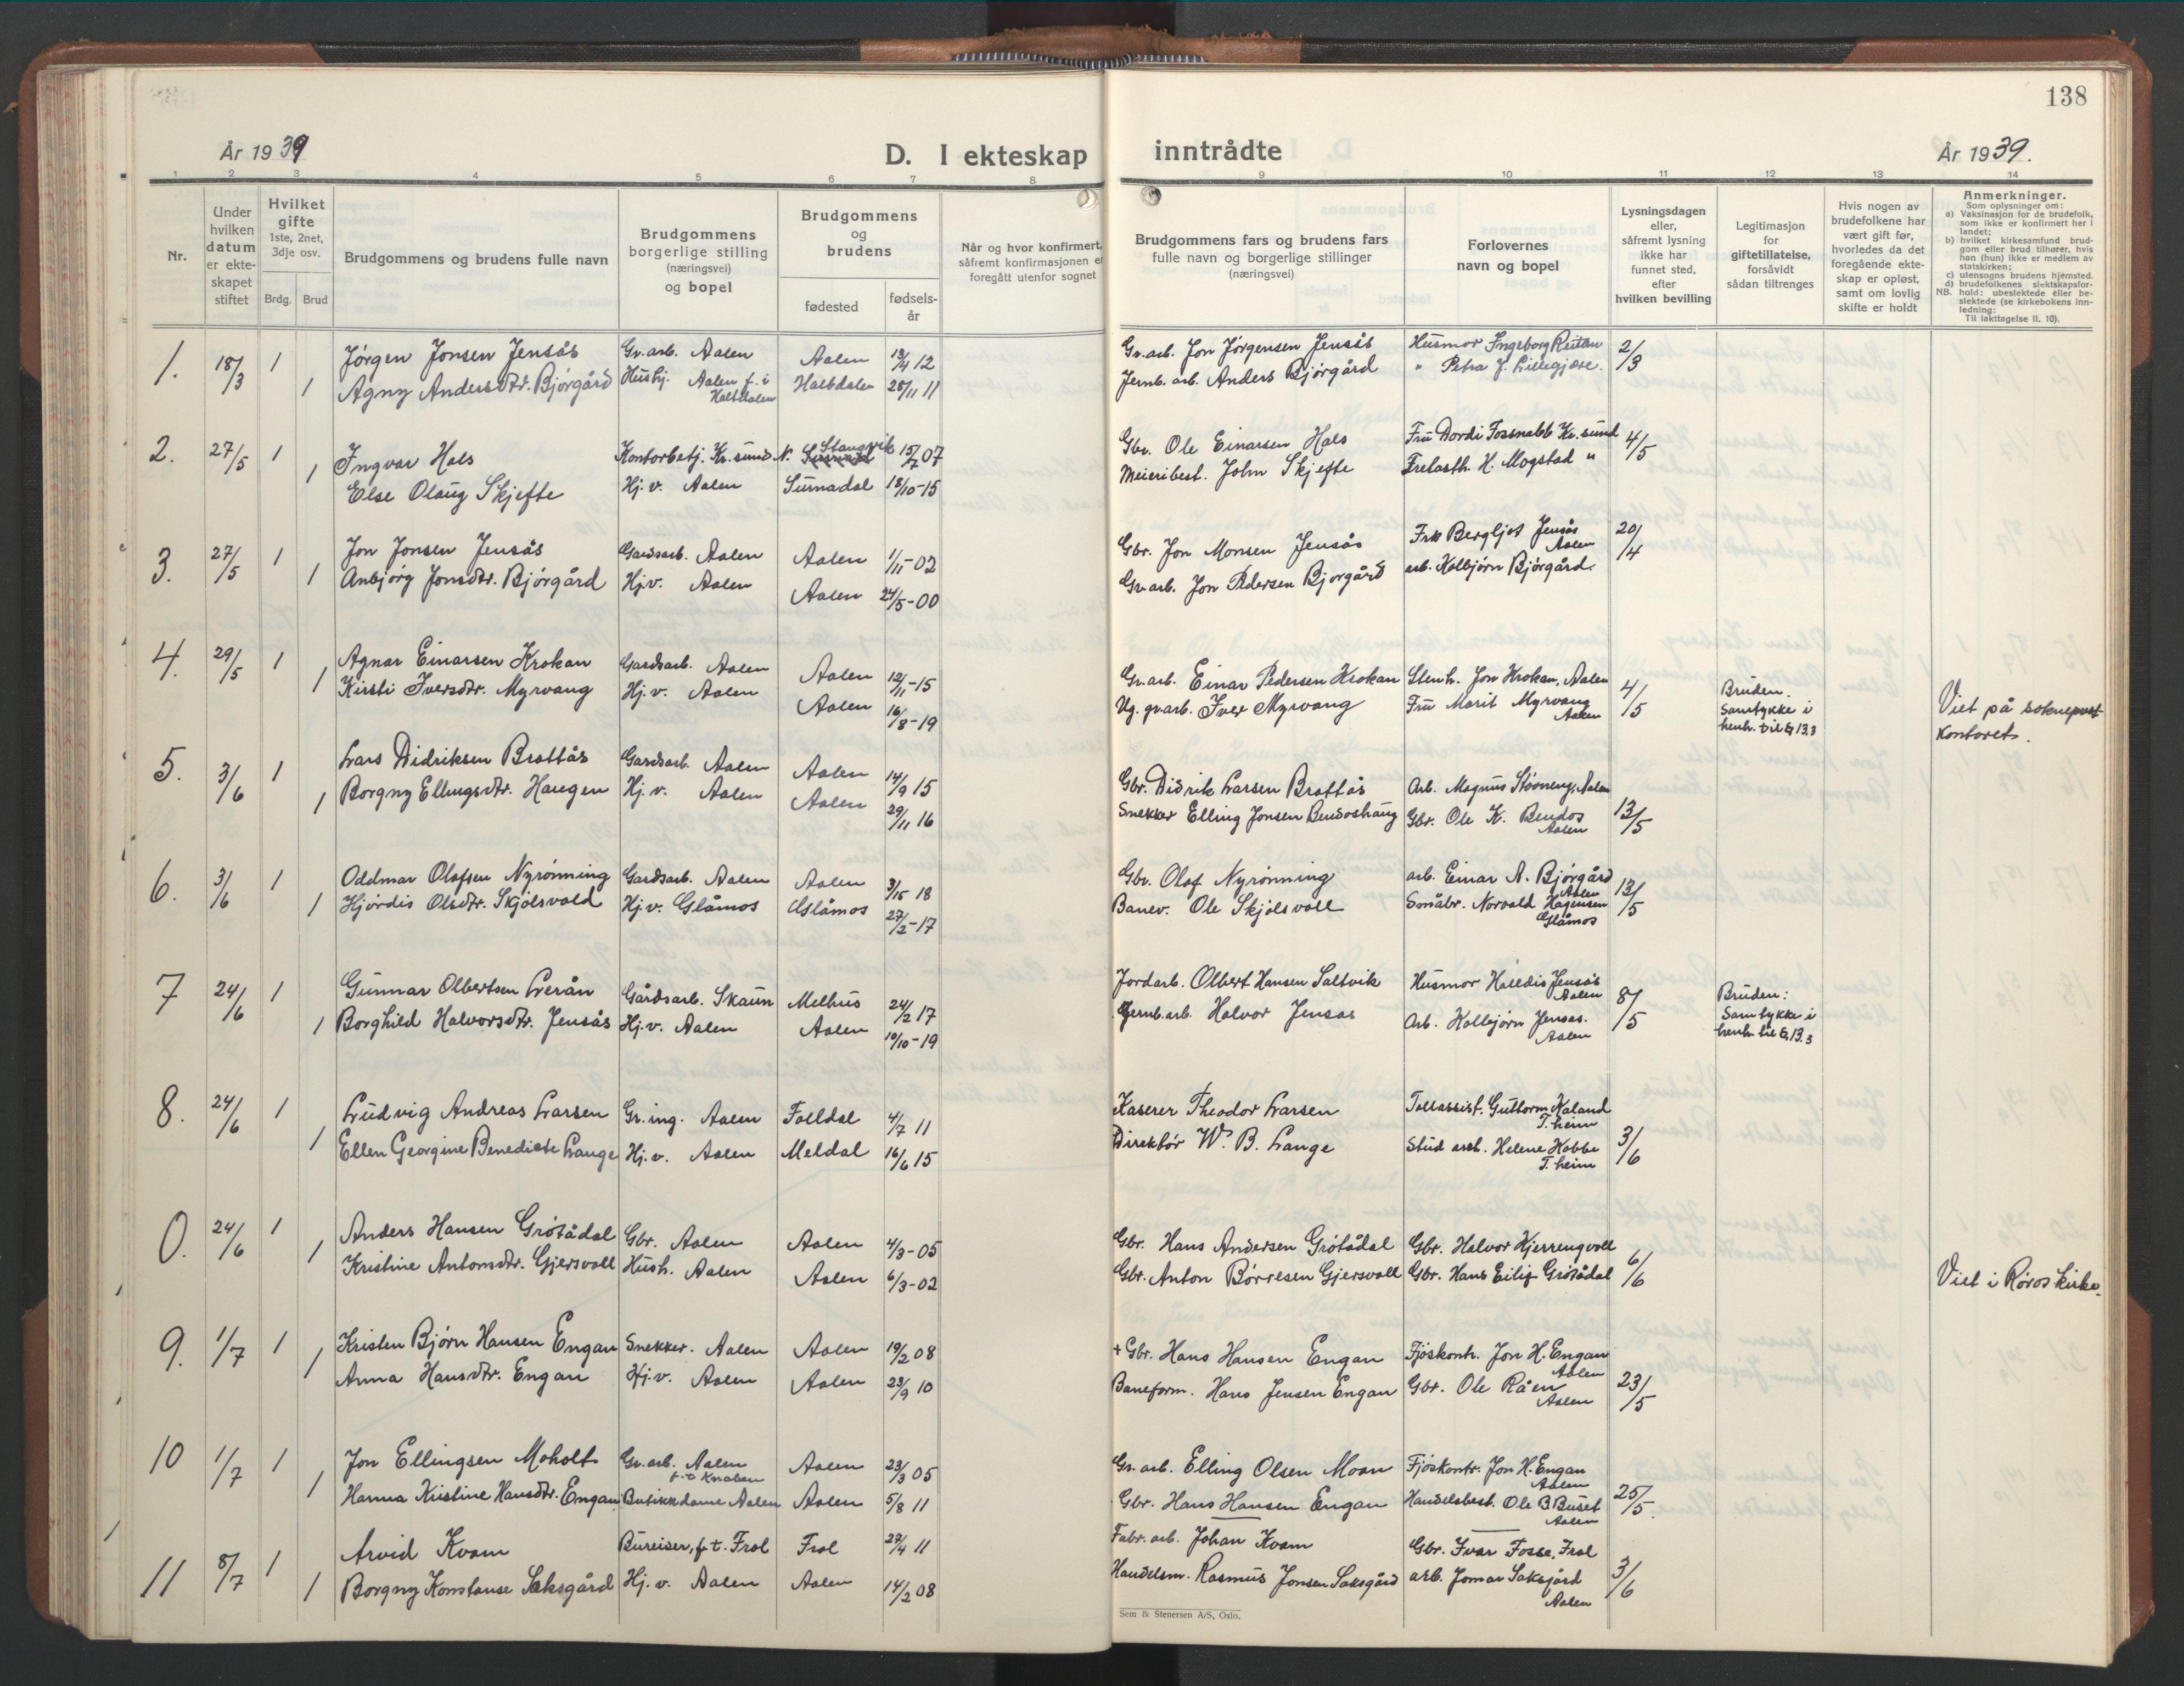 SAT, Ministerialprotokoller, klokkerbøker og fødselsregistre - Sør-Trøndelag, 686/L0986: Klokkerbok nr. 686C02, 1933-1950, s. 138